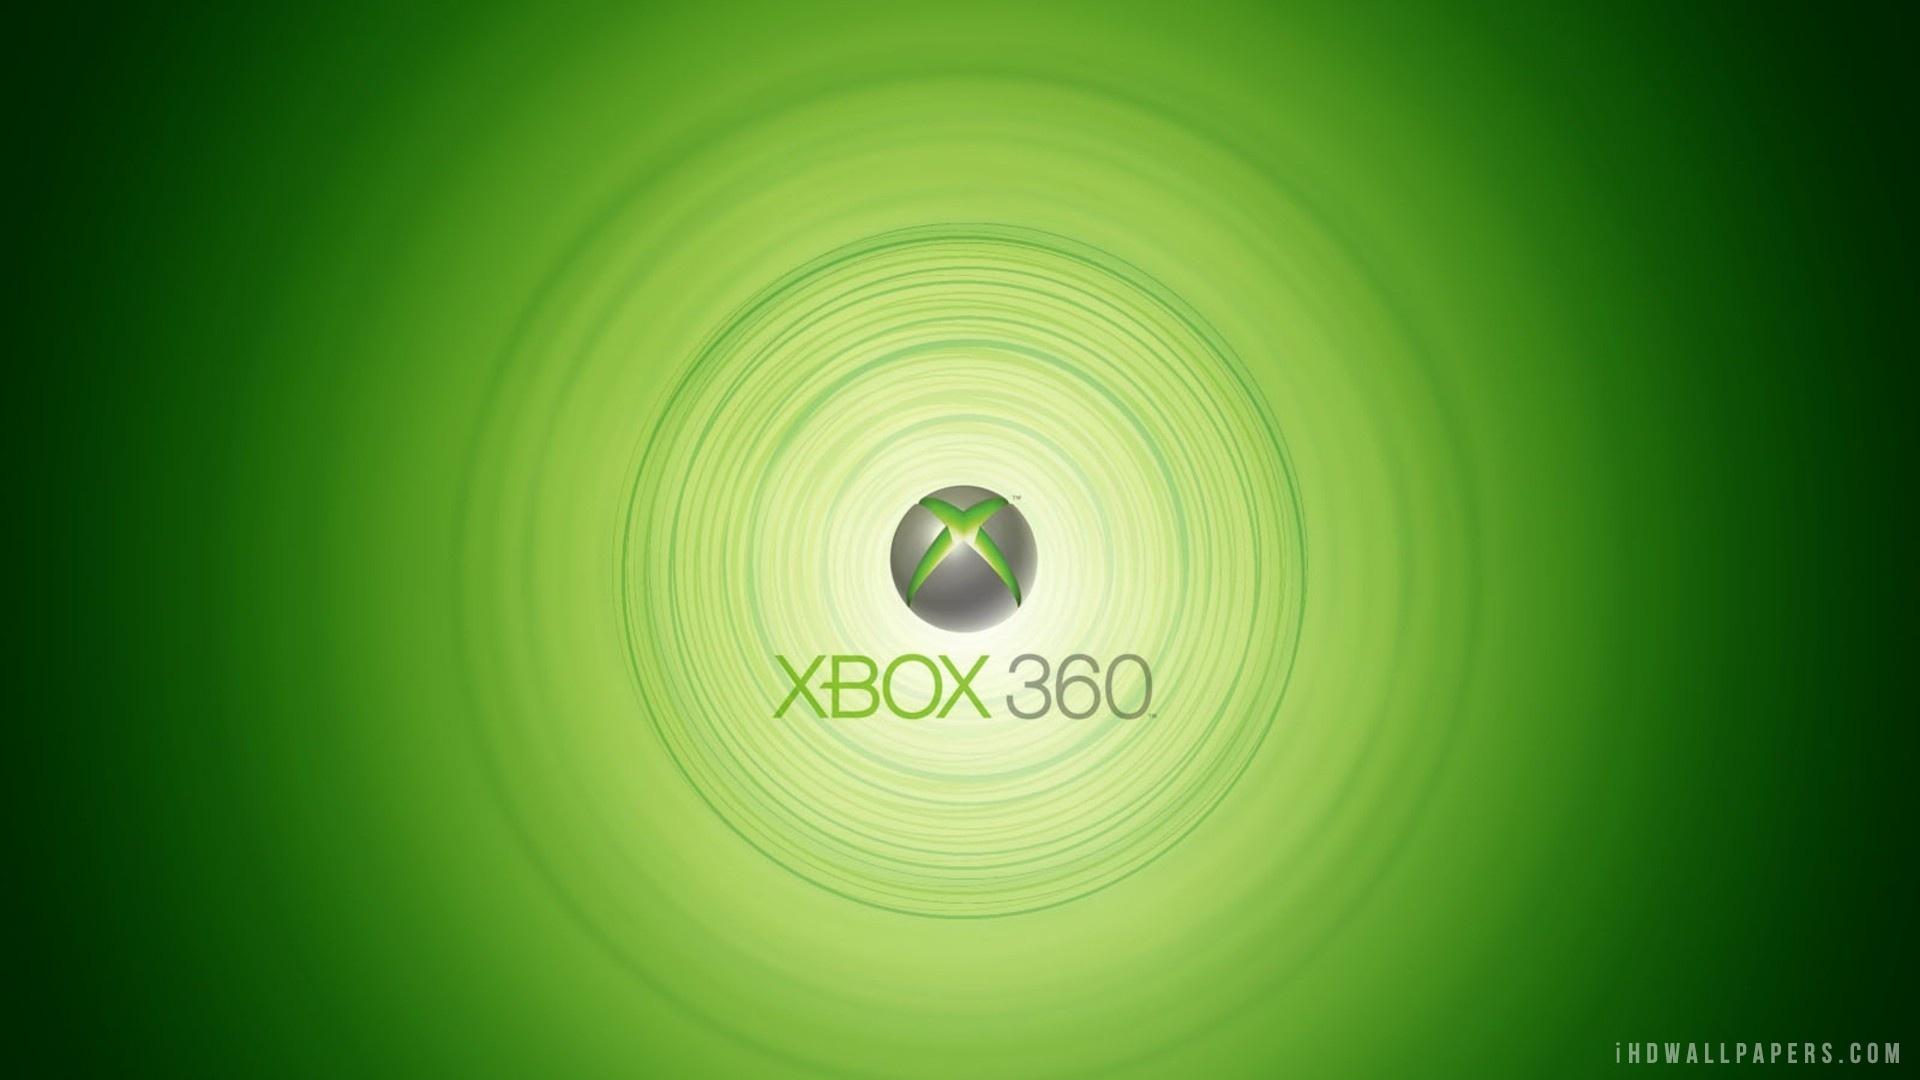 Xbox 360 HD Wallpaper   iHD Wallpapers 1920x1080